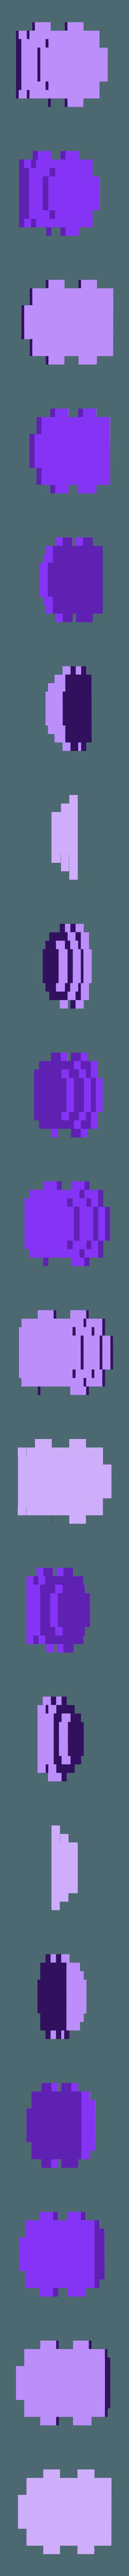 """Odyssey-Yellow_Balloon_side_1.stl Télécharger fichier STL gratuit 8 bits style """"Odyssée"""" - Parties séparées (pas besoin de colle) • Plan imprimable en 3D, conceptify"""